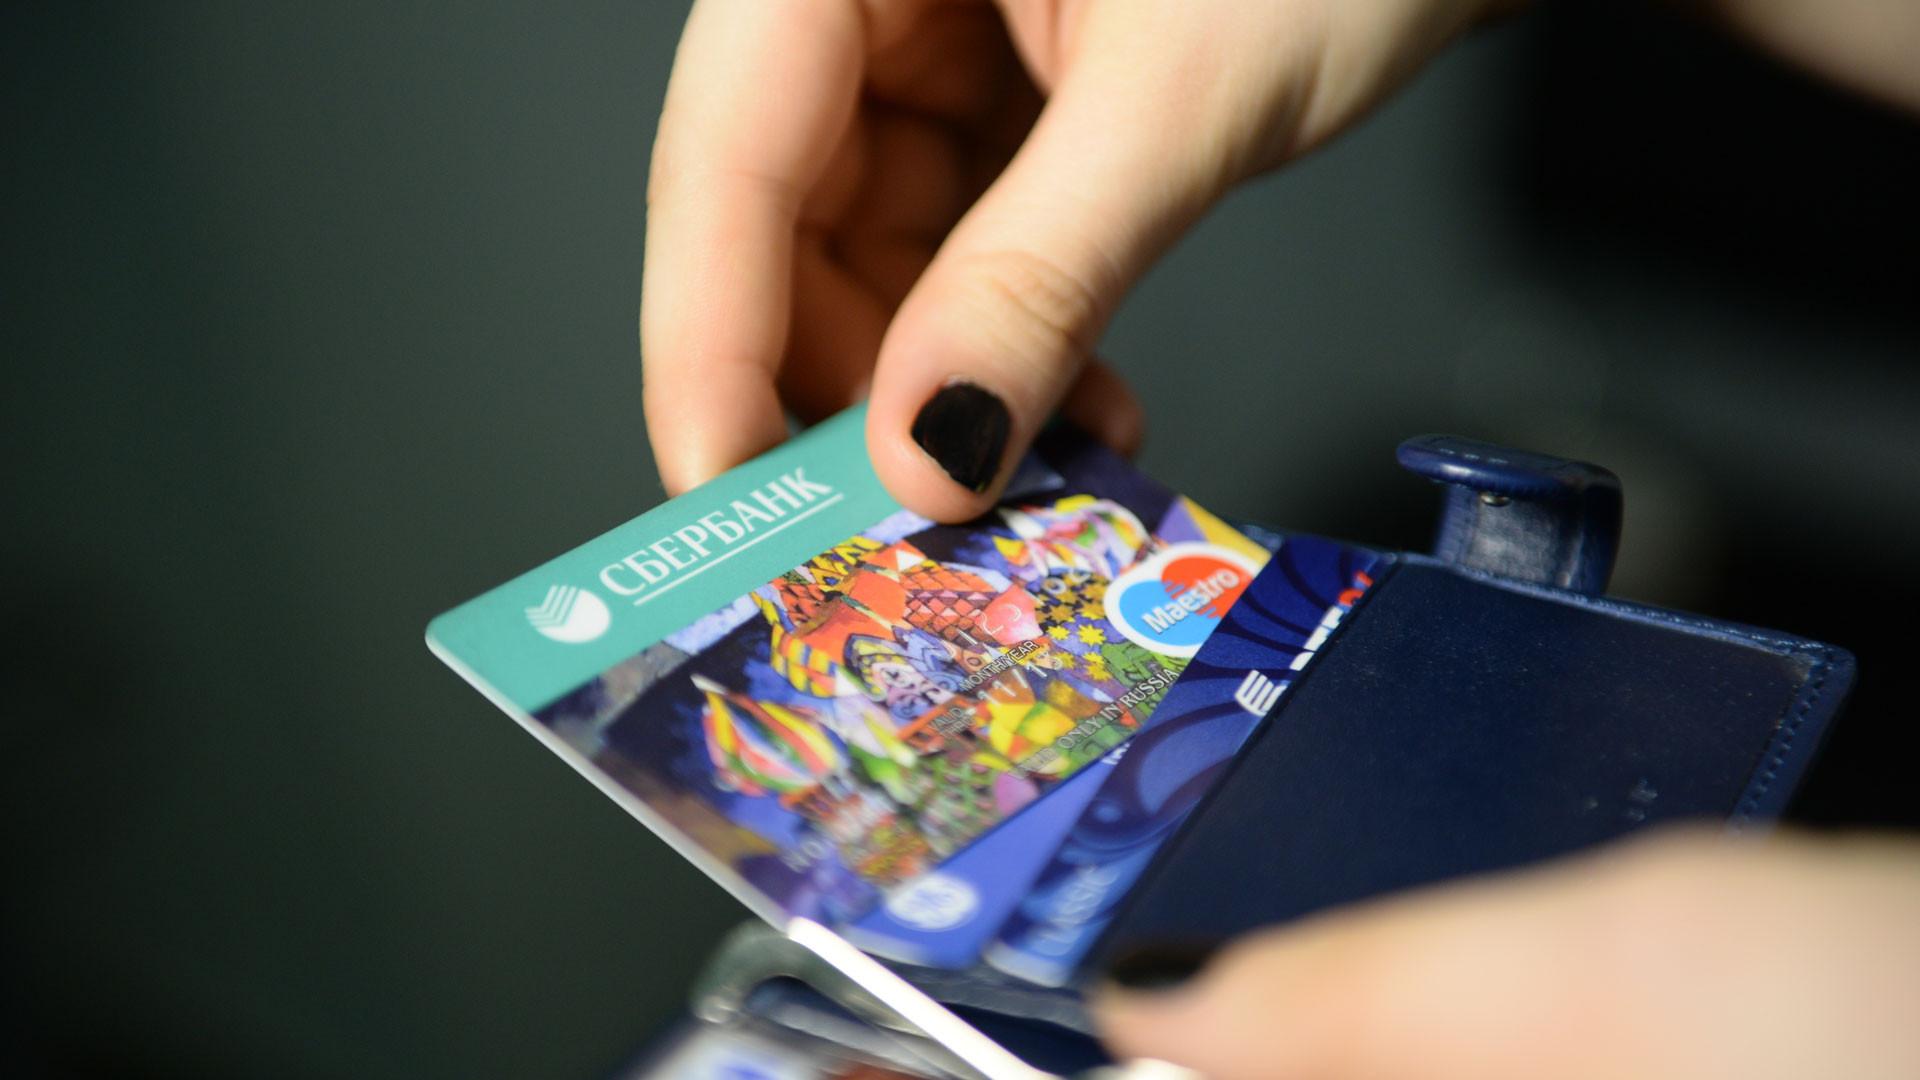 можно ли взять кредит имея фото паспорта